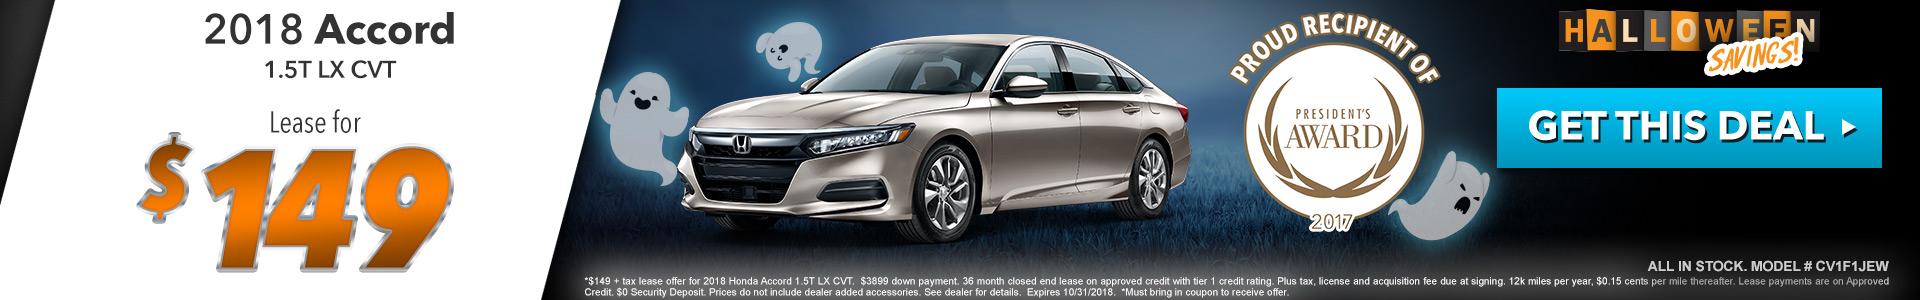 Honda Accord $149 Lease